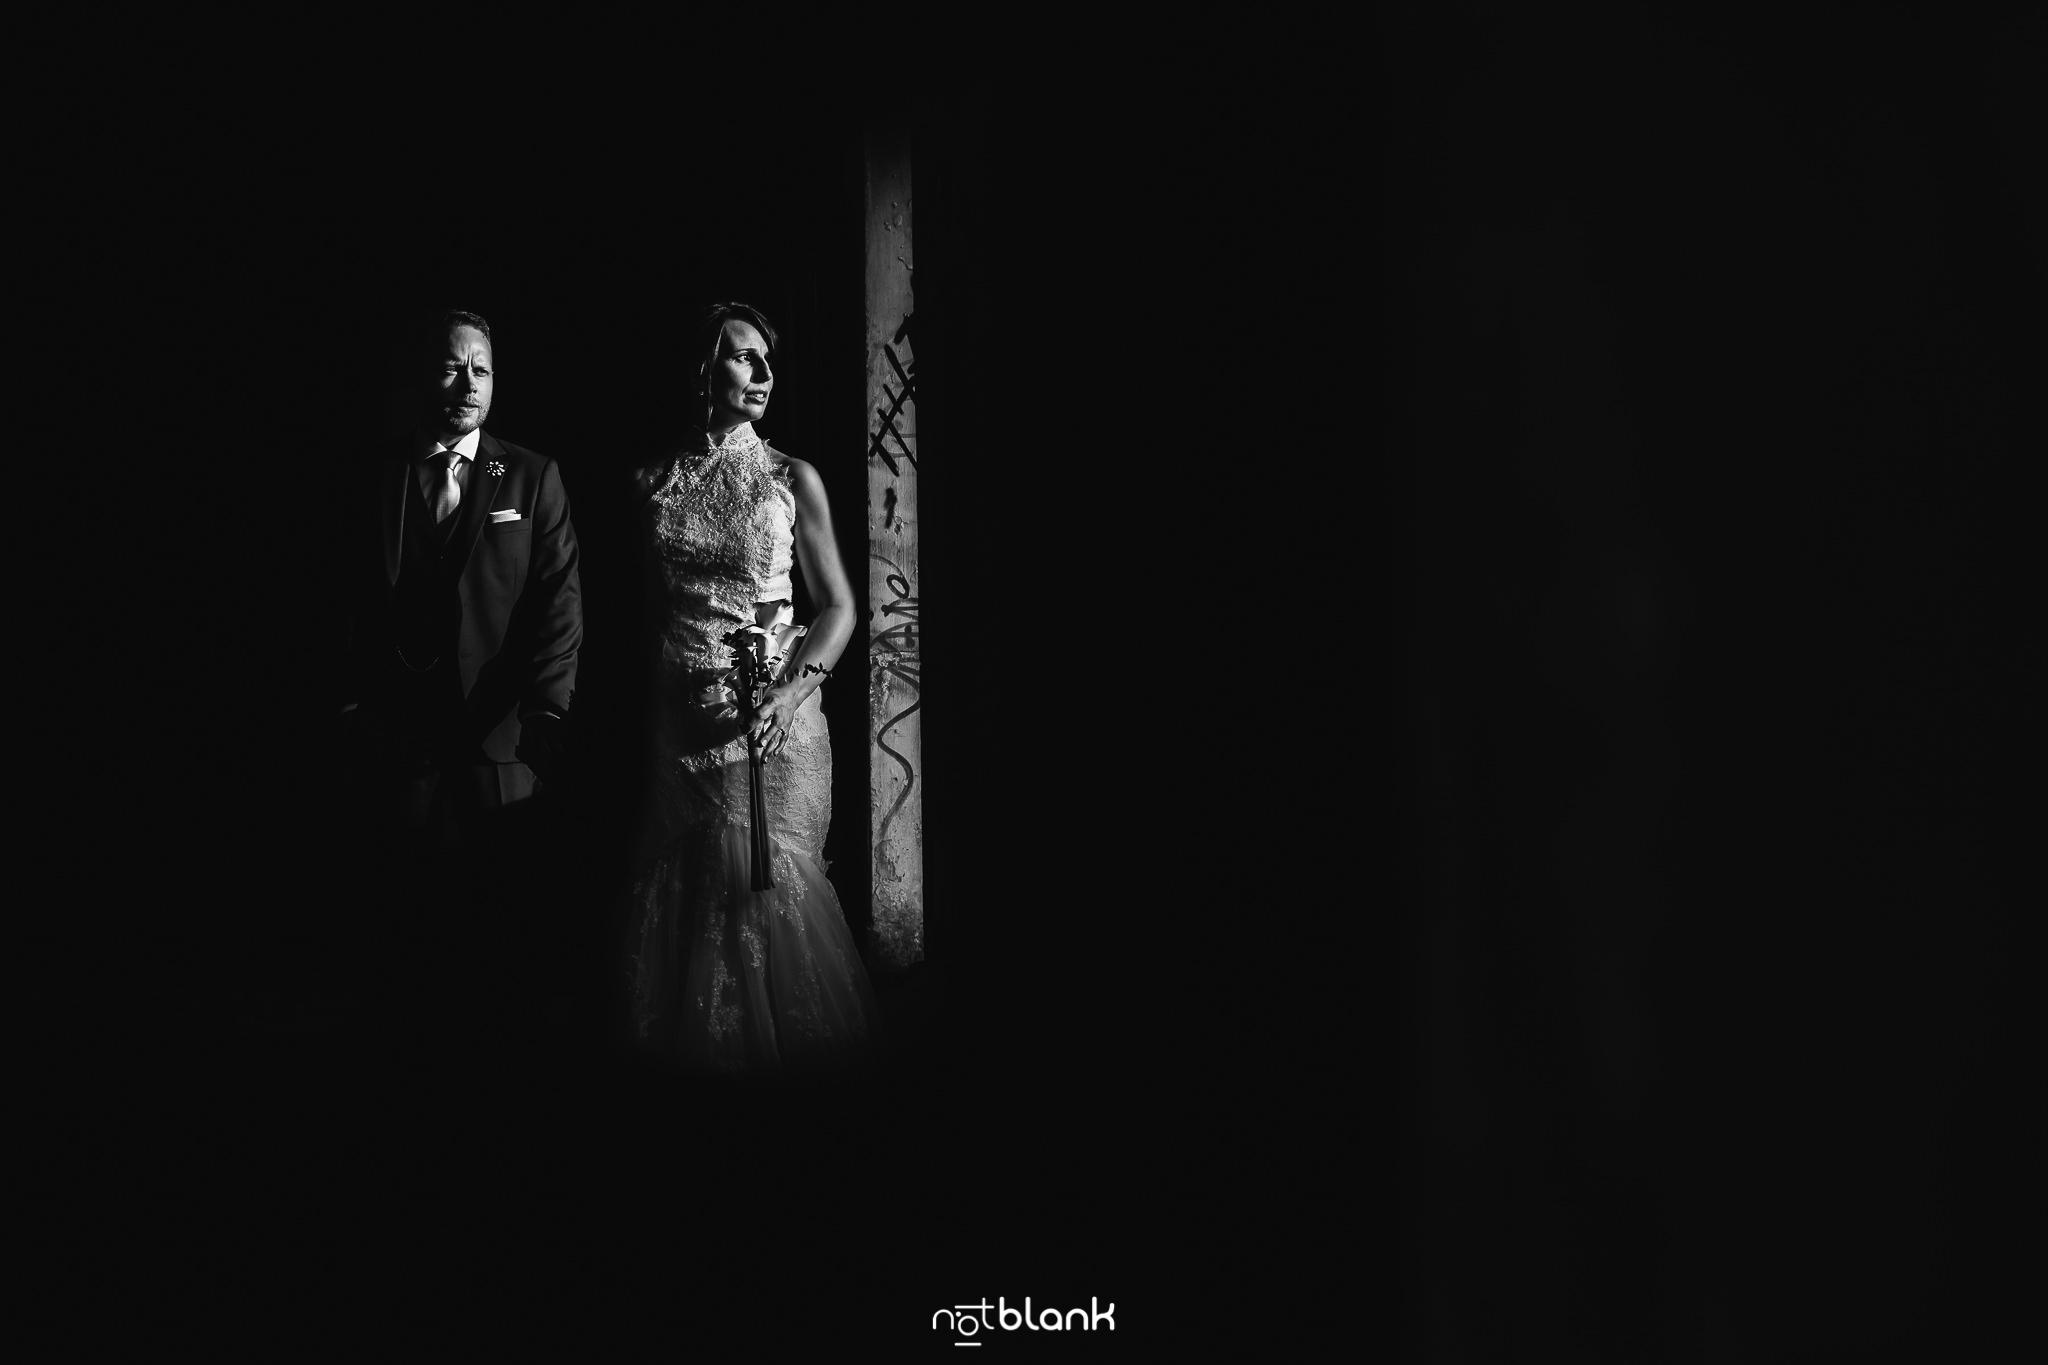 Boda-Maite-David-Retrato-Novios-En-Cabo-Silleiro. Reportaje realizado por Notblank fotógrafos de boda